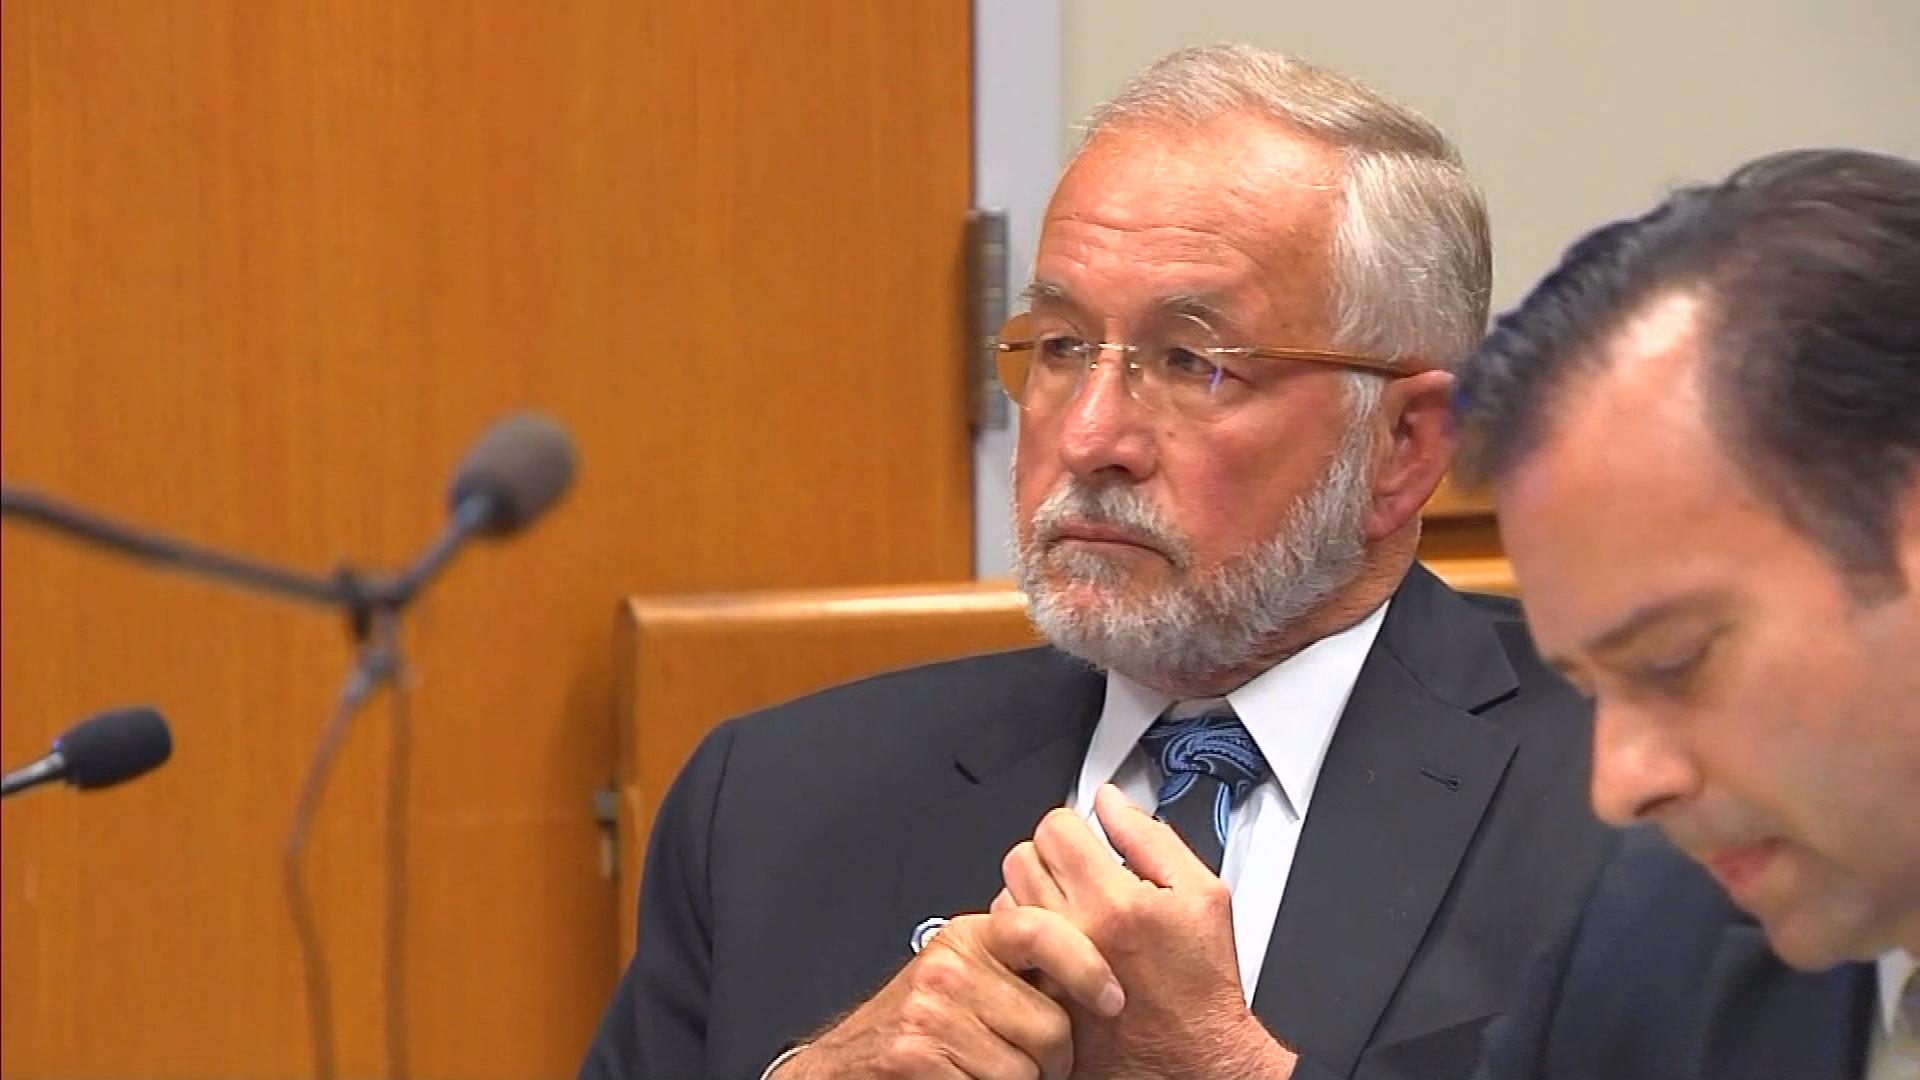 william strampel preliminary hearing 060518_1528244540707.jpg.jpg